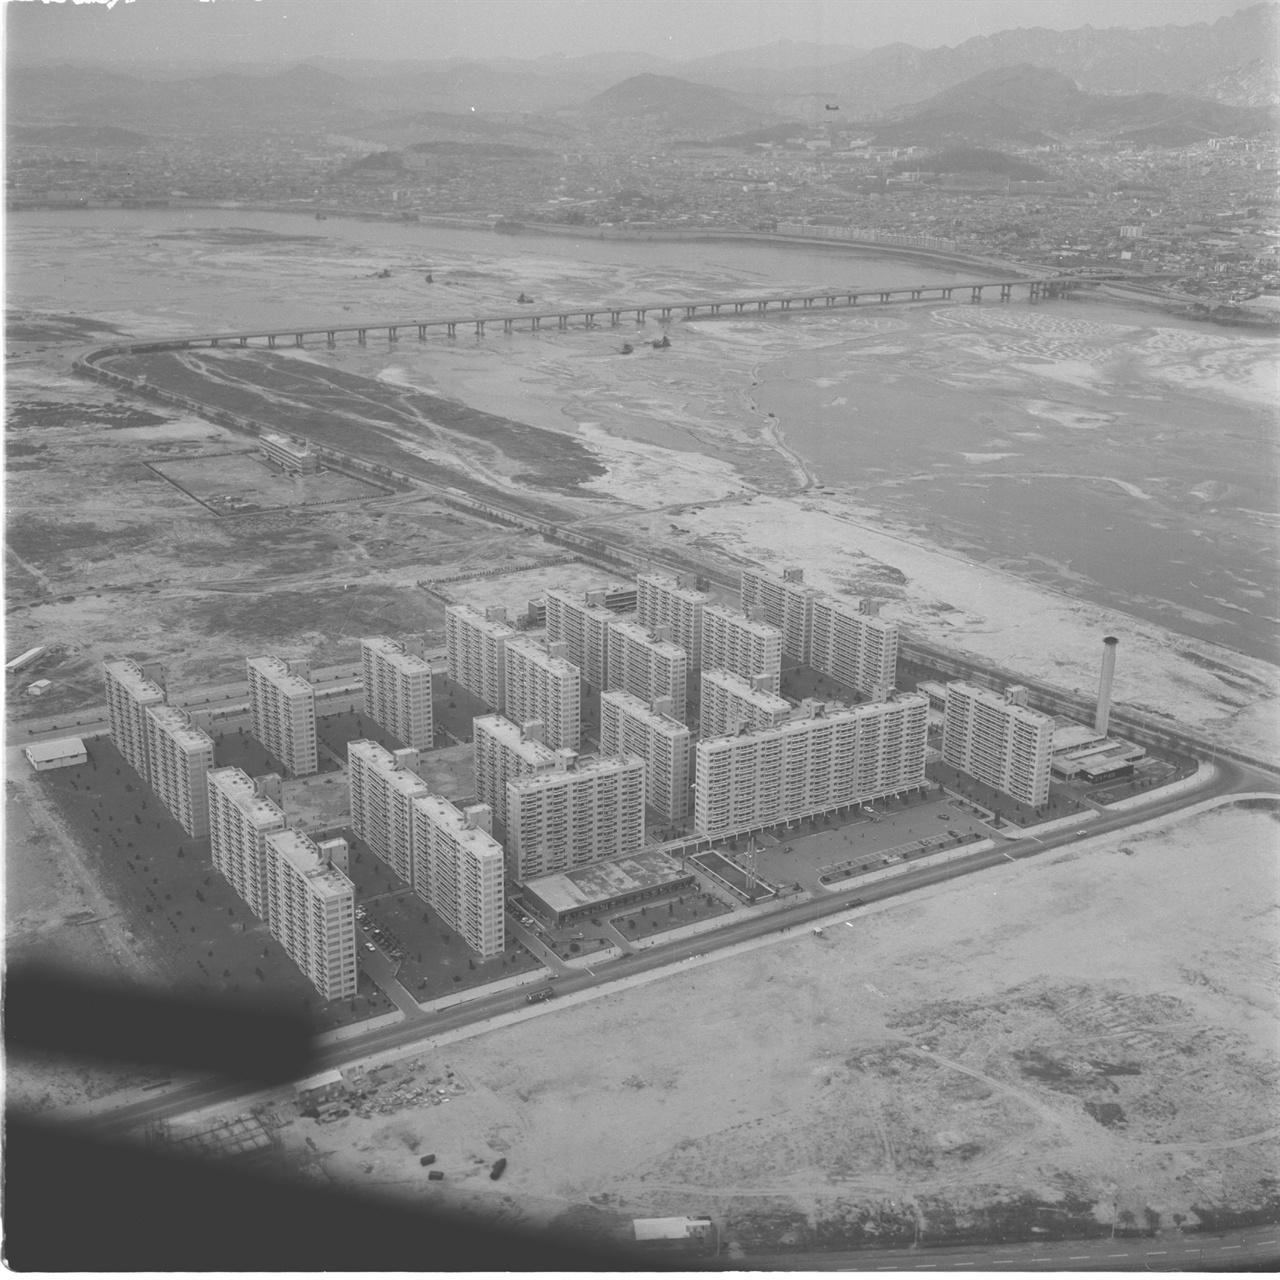 여의도 시범아파트 1971년 10월 29일 준공된 여의도 시범아파트는 와우아파트 붕괴사고로 형성된 아파트에 대한 불신을 해소하기 위해 시범적으로 지어진 12층의 고층 아파트였다. 1973년 4월 15일 촬영